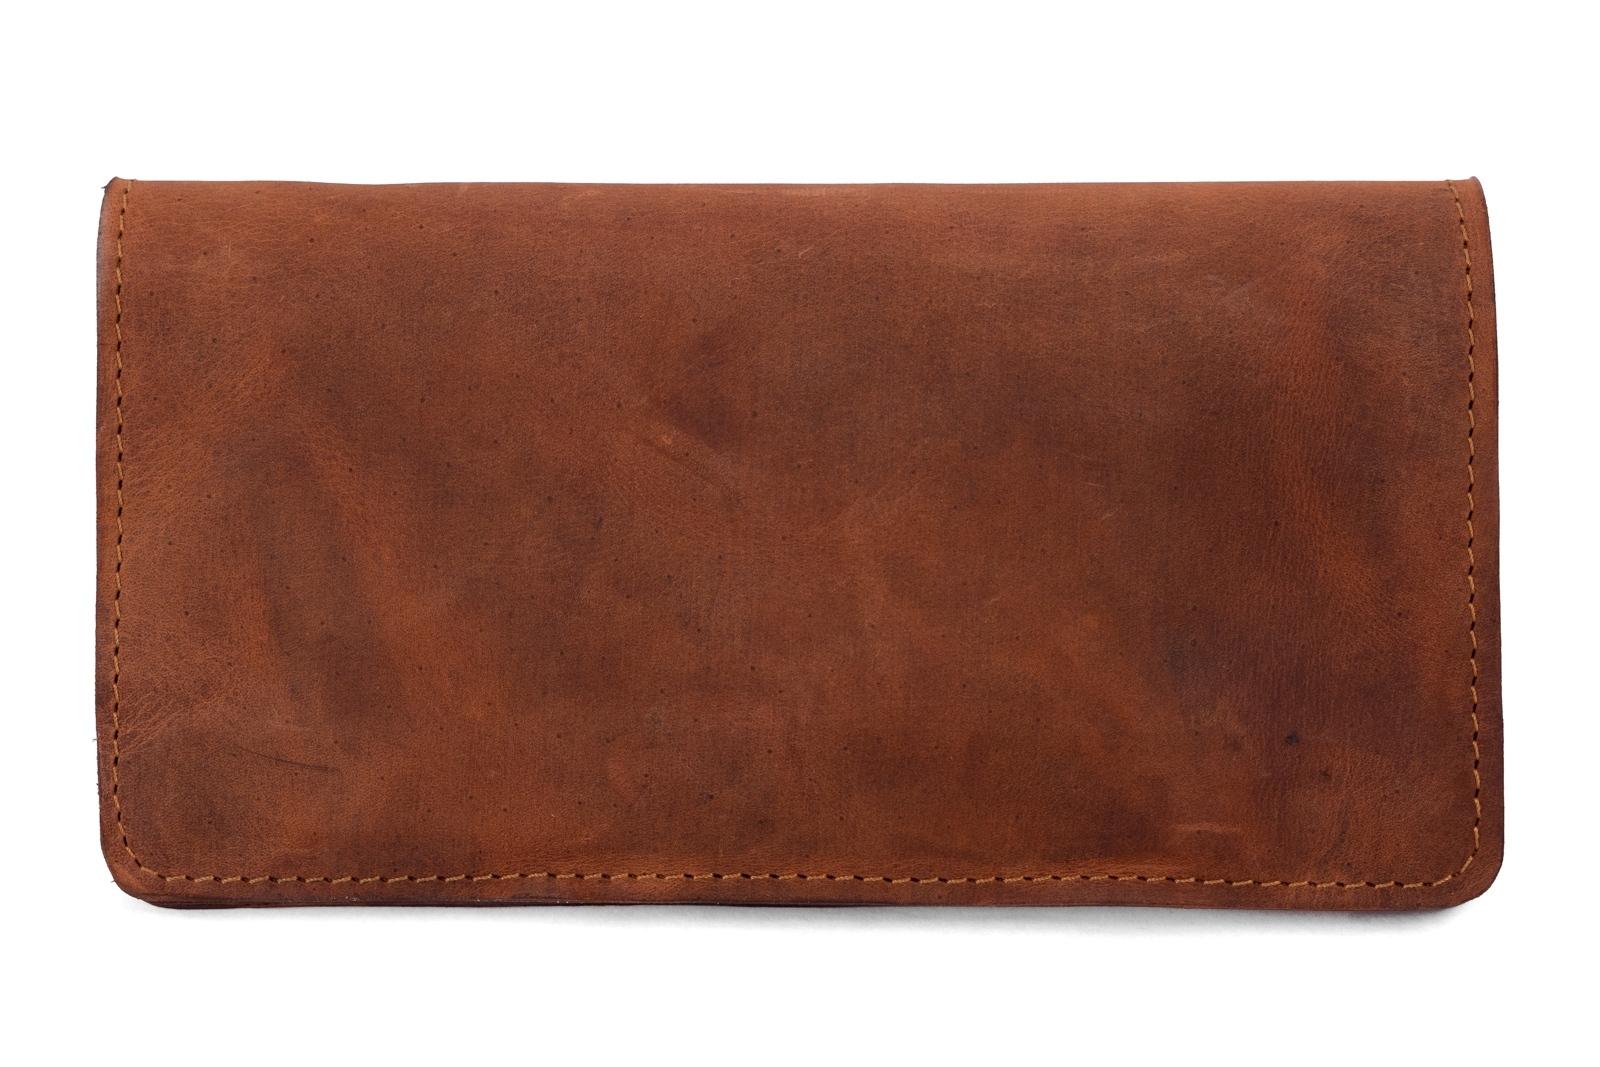 Bulimba Lw Kangaroo Leather Wallet